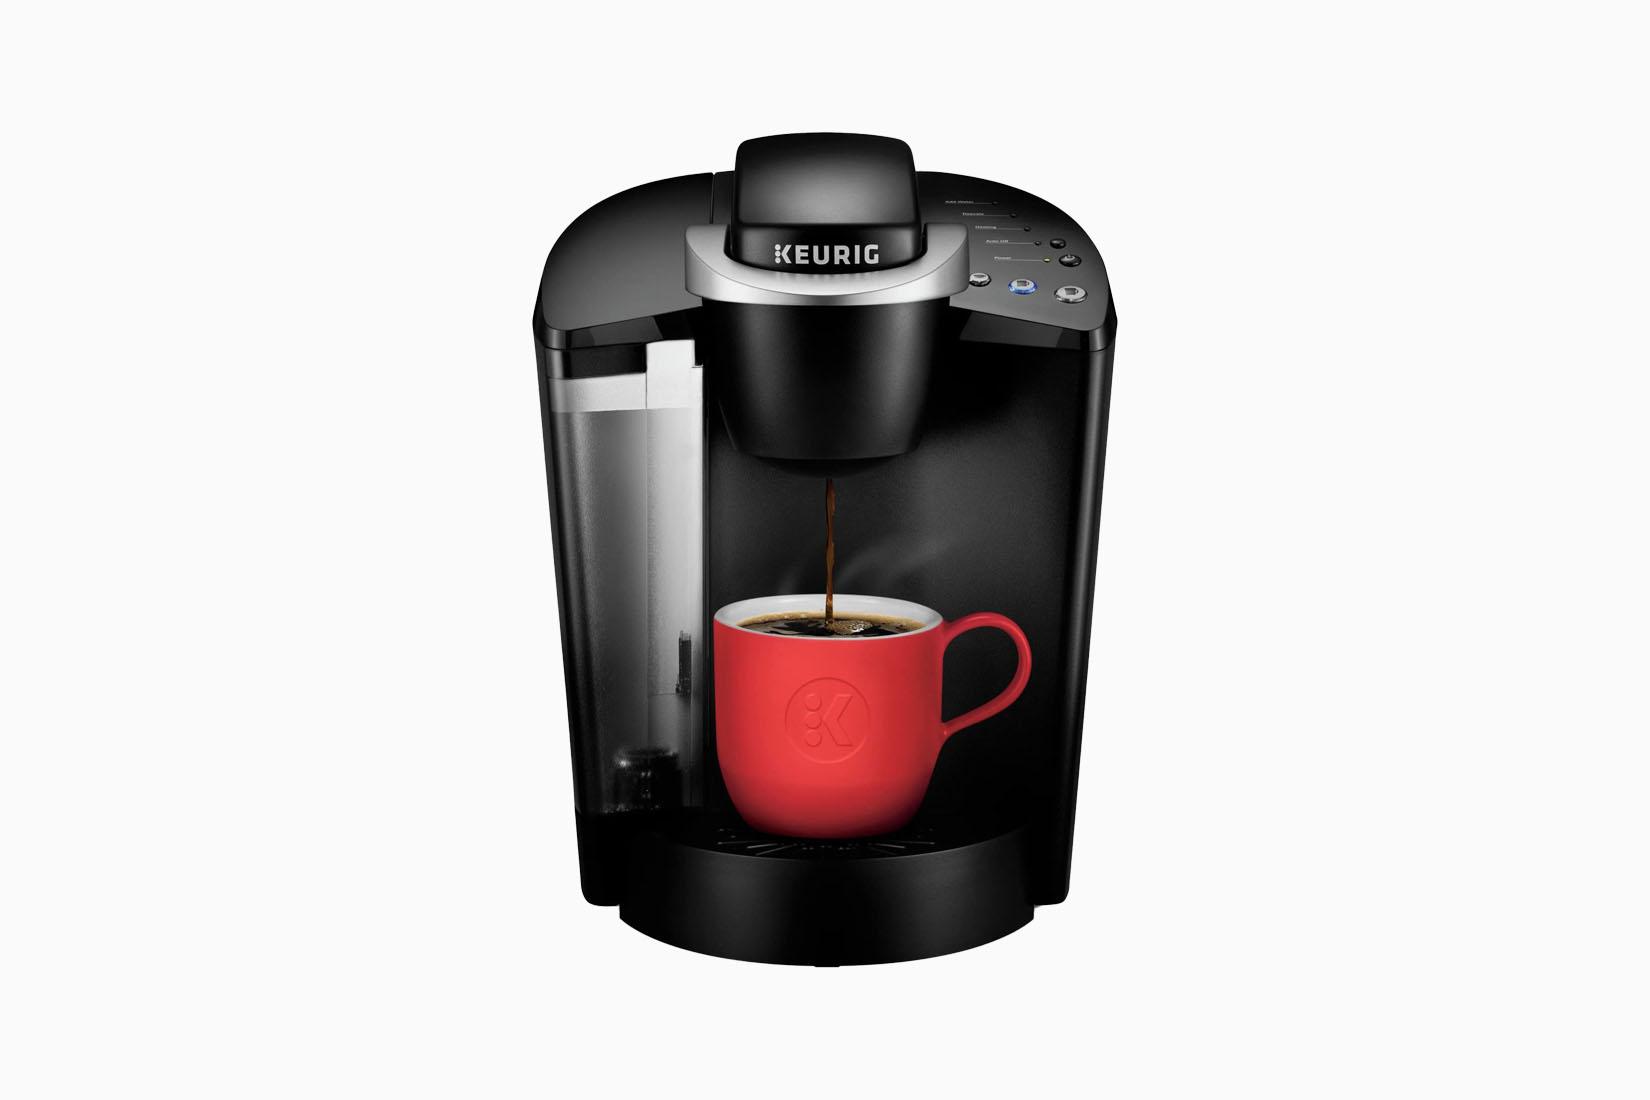 best drip coffee makers keurig review Luxe Digital